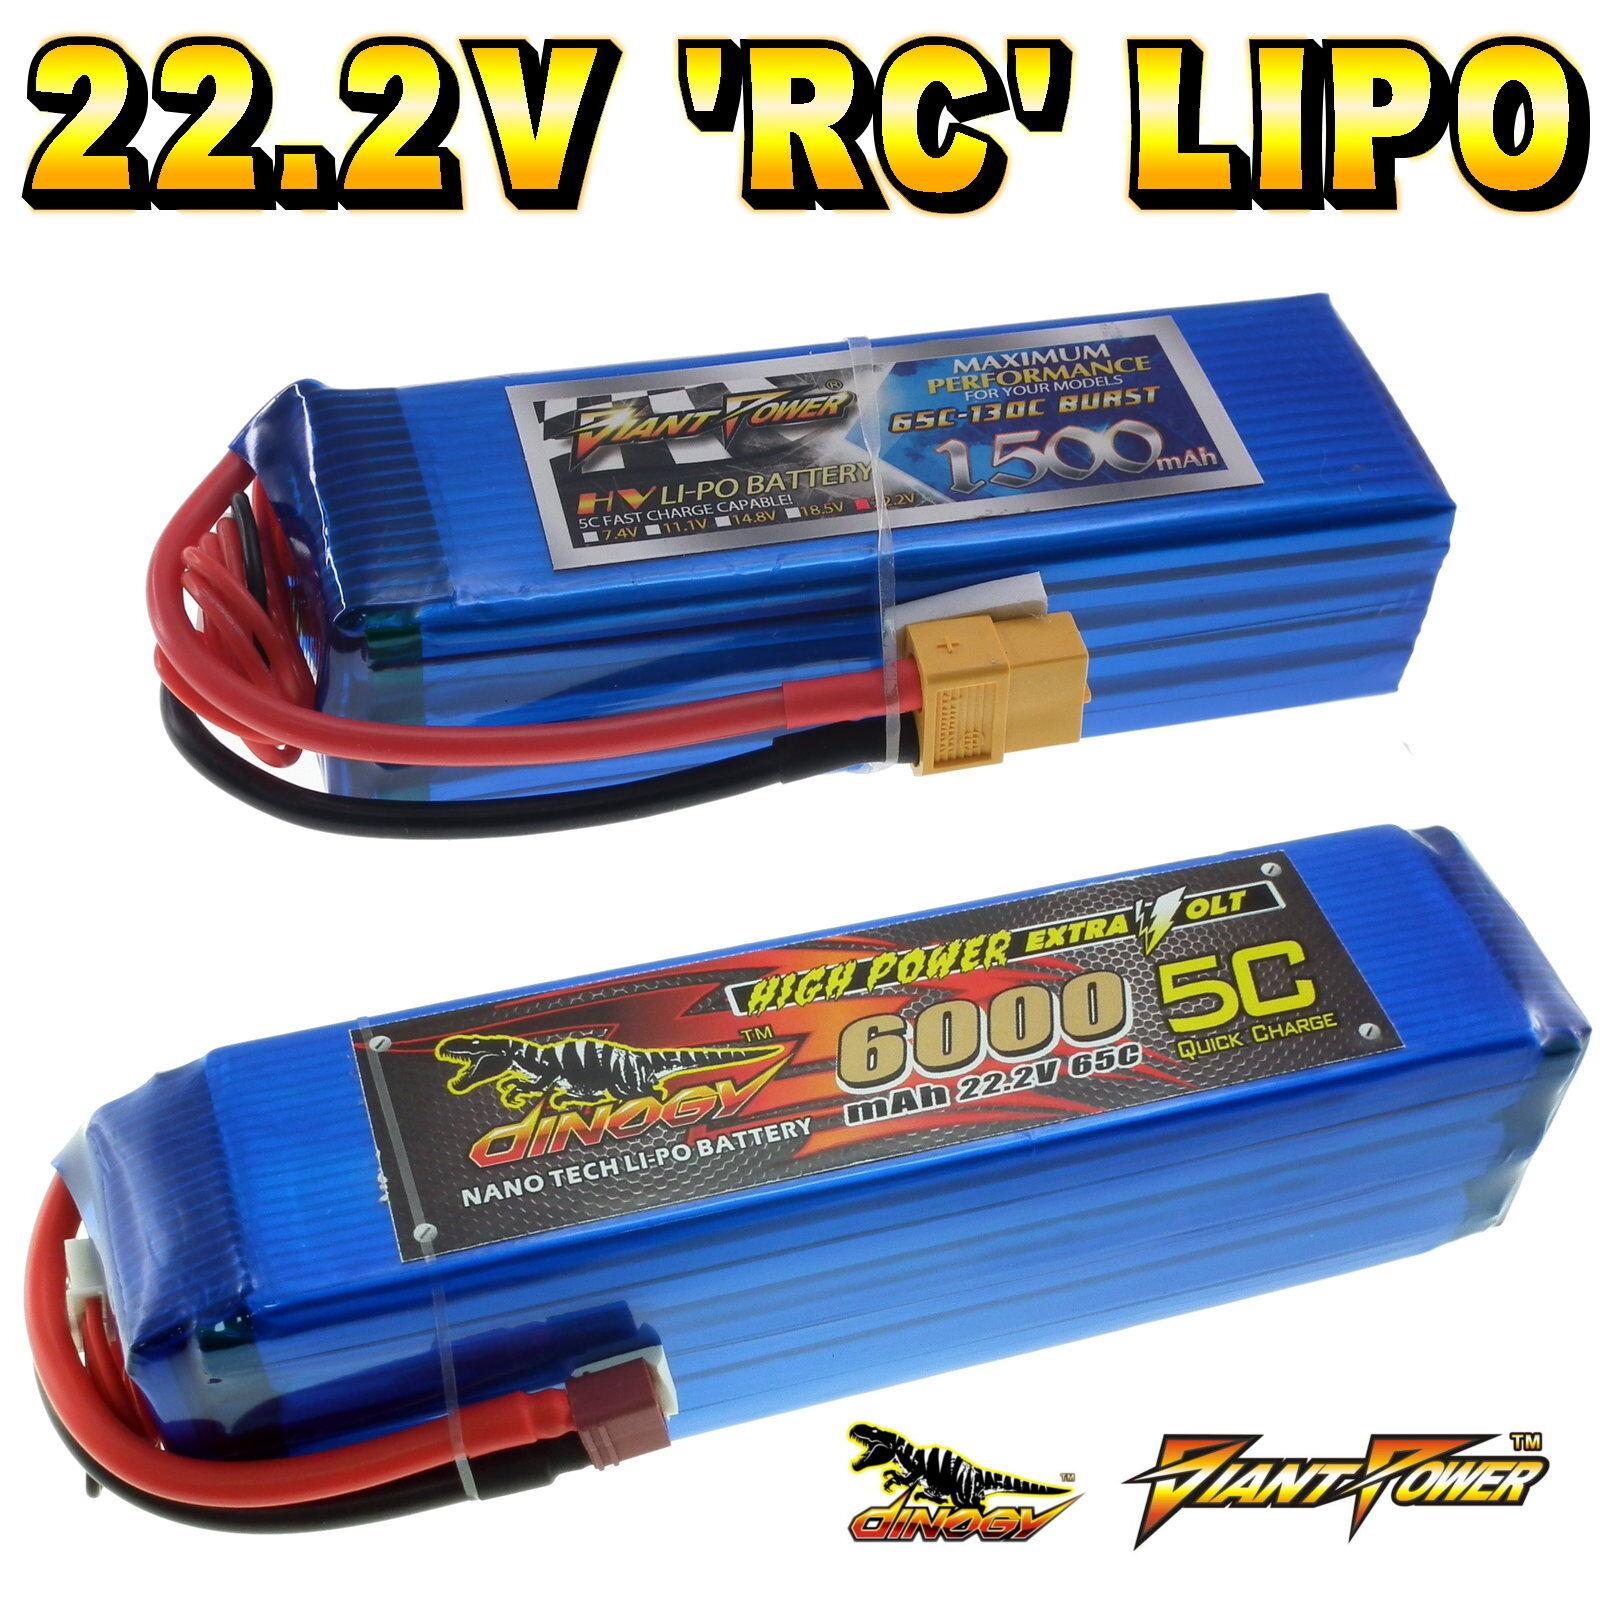 22.2v 1500 a 6000mah 6s RC LIPO BATTERIA  FINO A 65c tutte le taglie + Connettore personalizzato  prima qualità ai consumatori